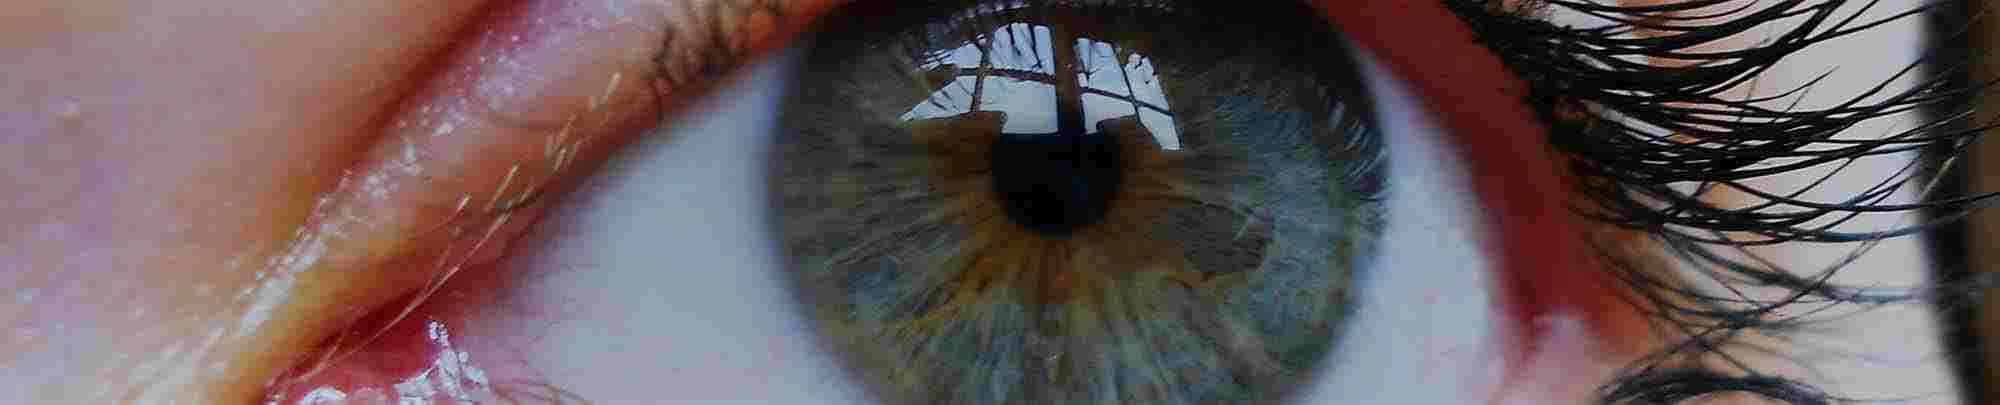 Närbild på en kvinnas blå ögon